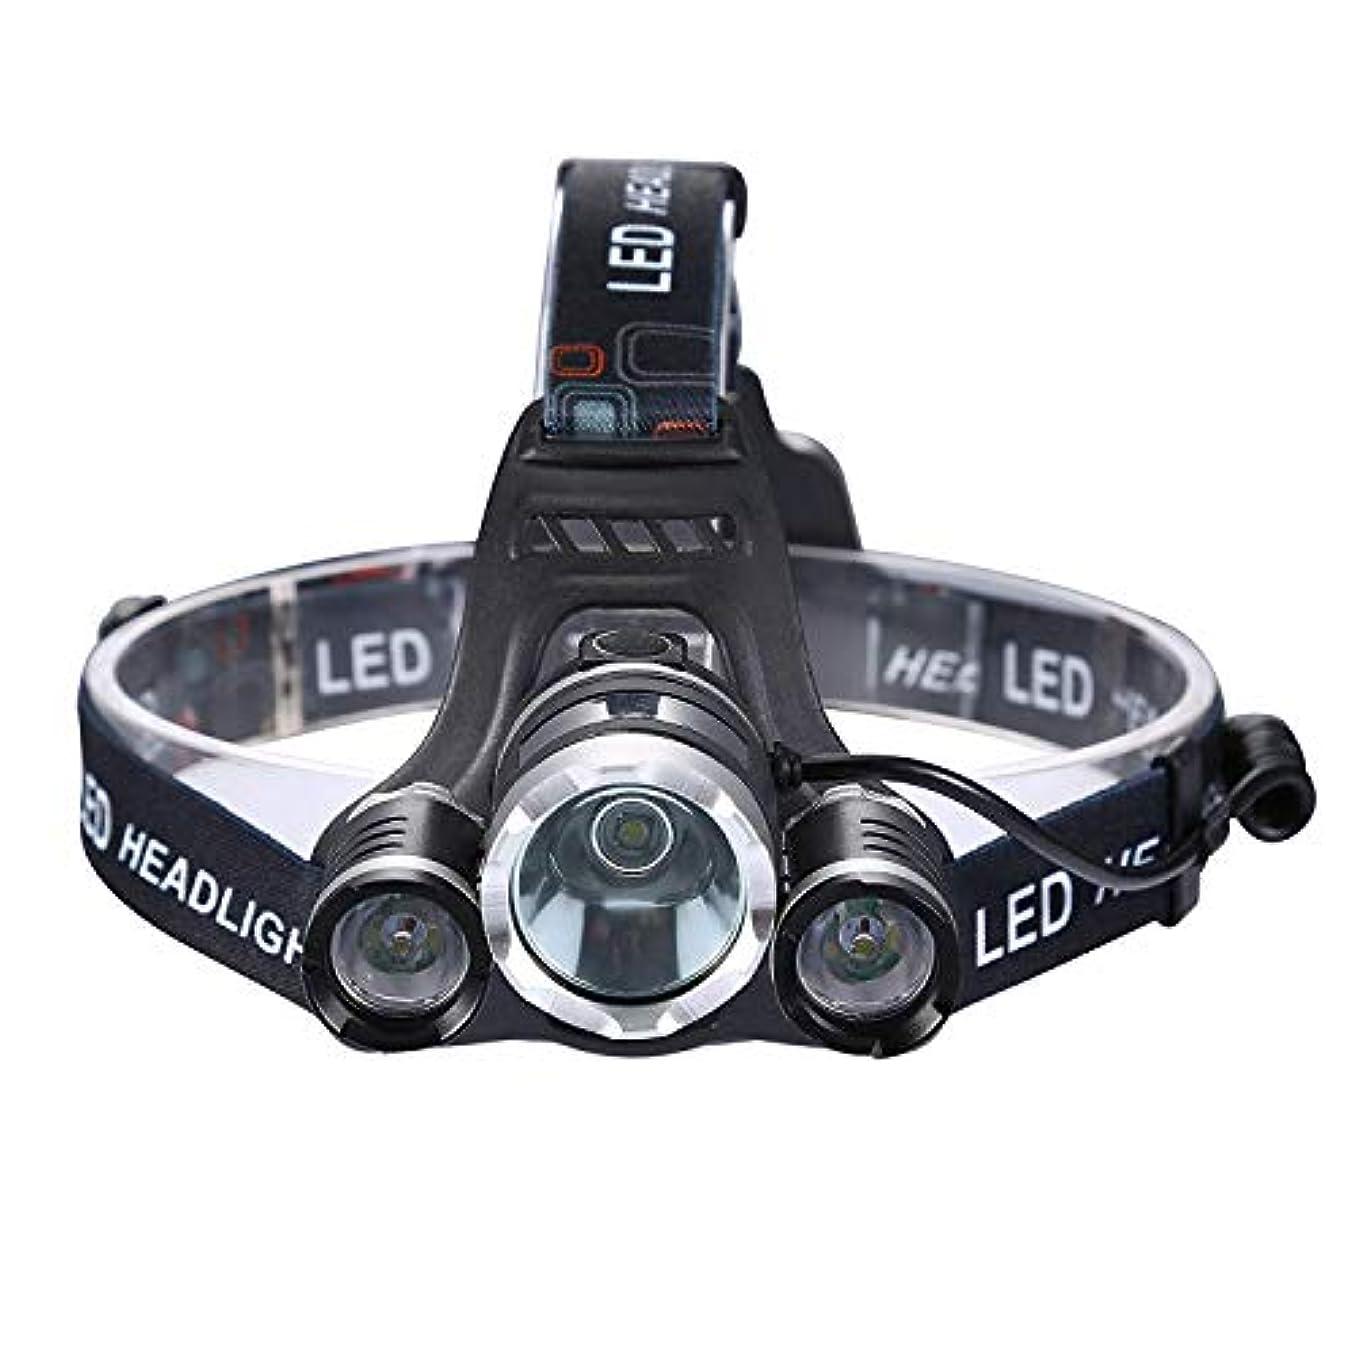 ステッチ子供っぽいマネージャー屋外多機能ナイトフィッシングライト明るい懐中電灯ヘッドマウントライティングマイナーランプ3LEDアルミ合金USB充電式T6ライディング、キャンプ、ランニングのための強いヘッドライト